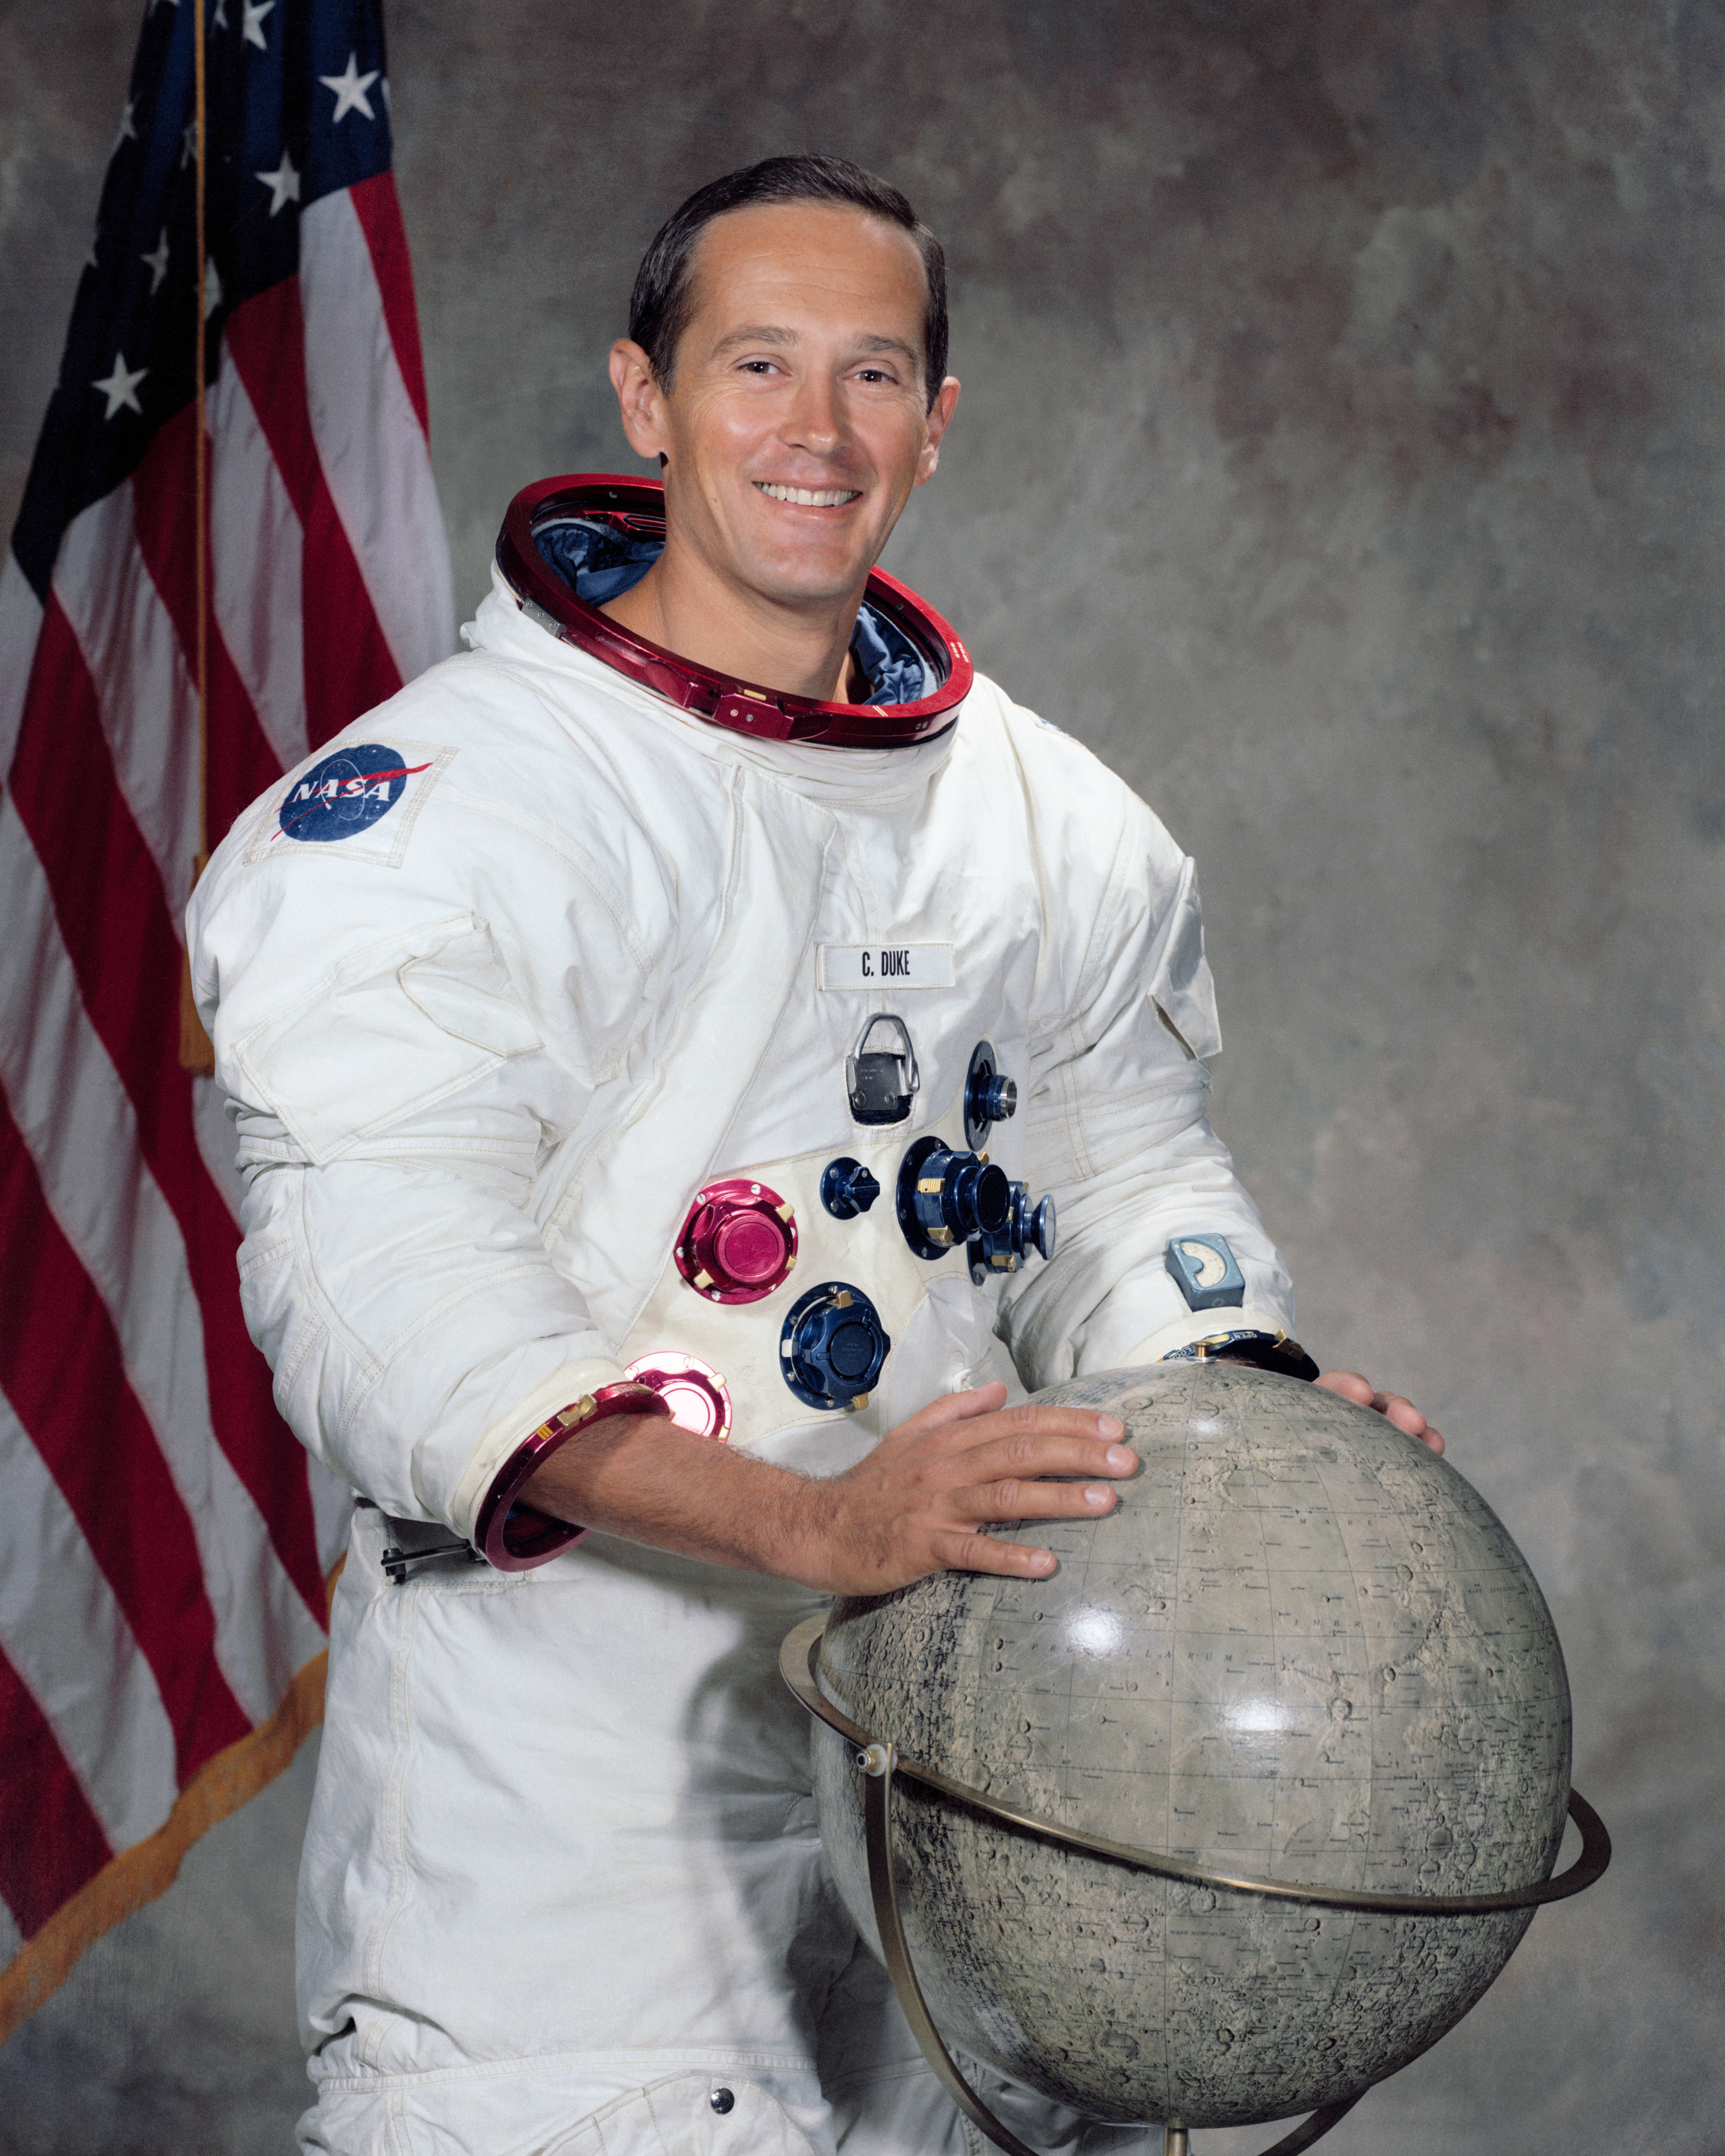 Image of Charles Duke from Wikidata